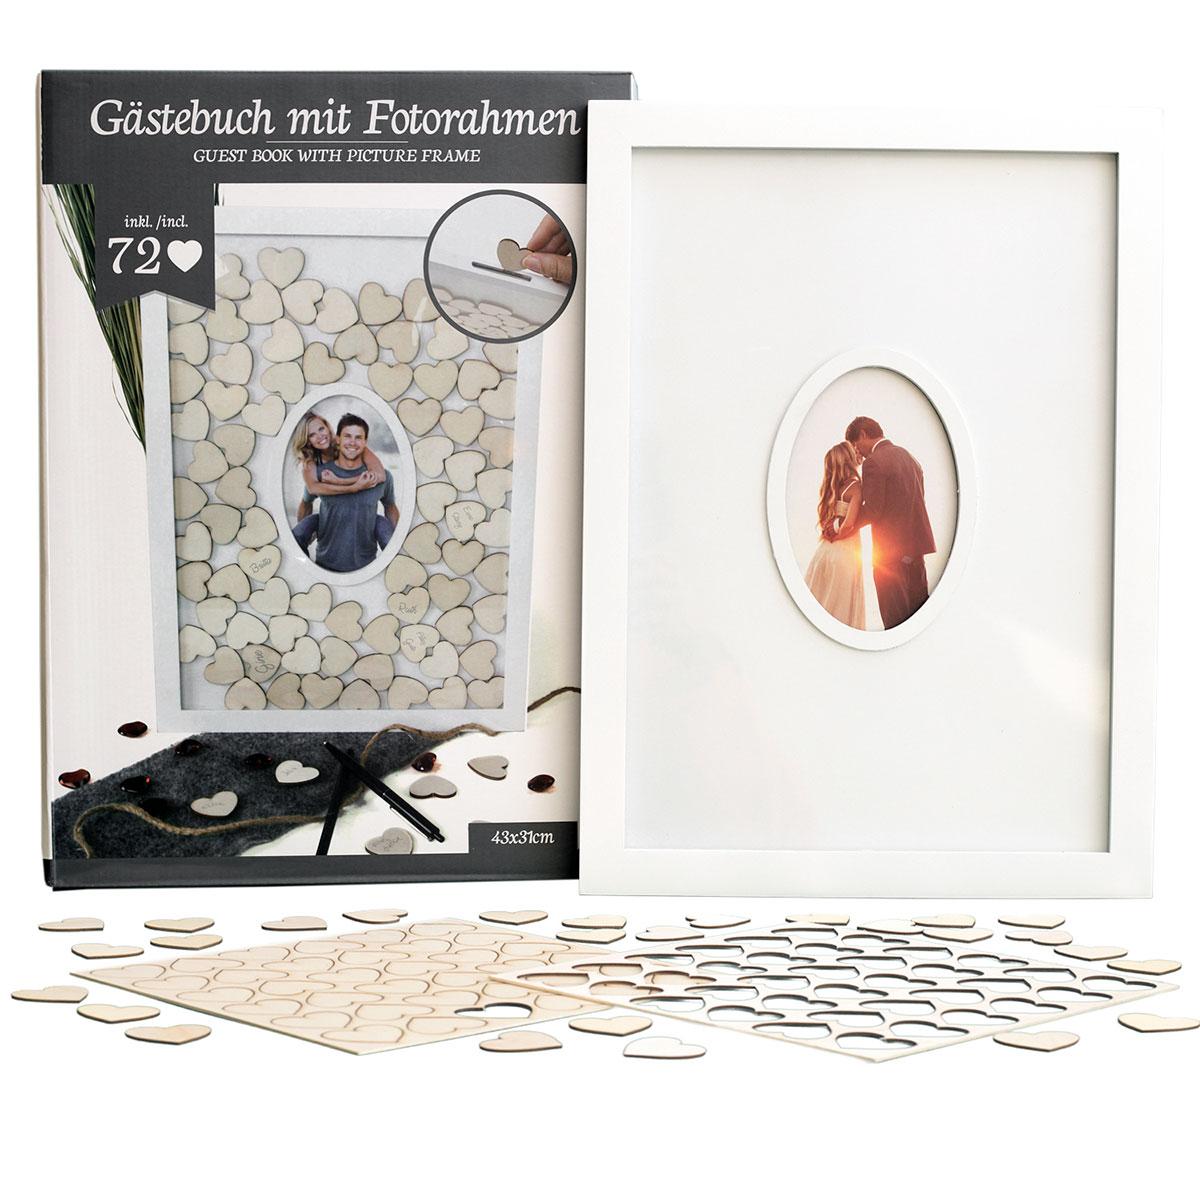 Gästebuch mit Fotorahmen, Bilderrahmen inklusive 72 Holzherzen ...